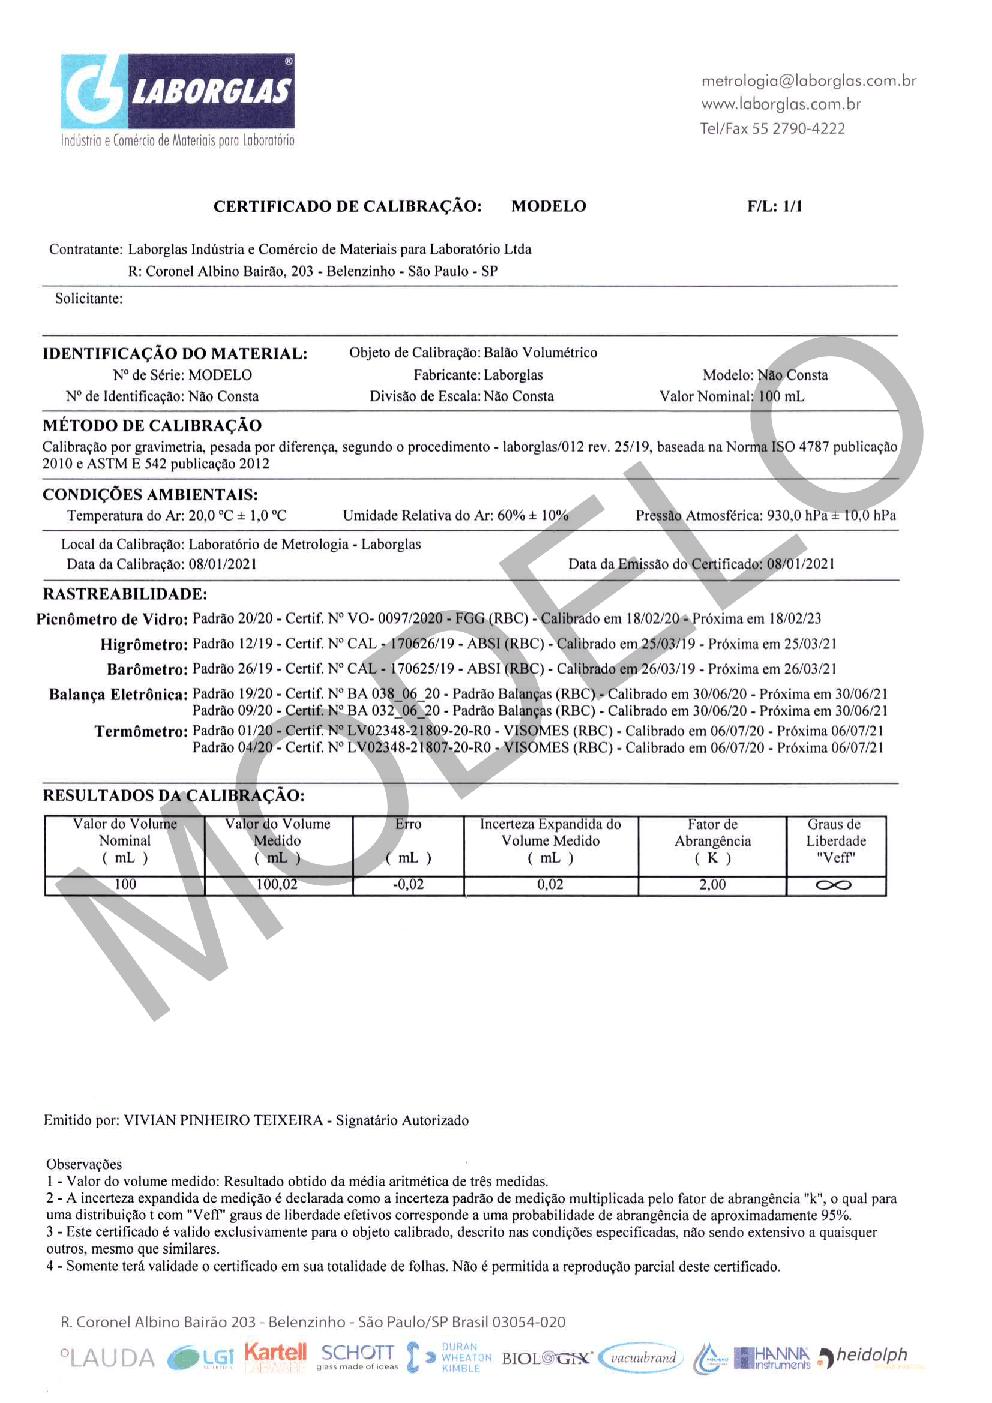 BALÃO VOLUMÉTRICO CLASSE A ROLHA POLI C/ CERTIFICADO RASTREÁVEL 1 ML - Marca Laborglas - Cód. 9167801-C